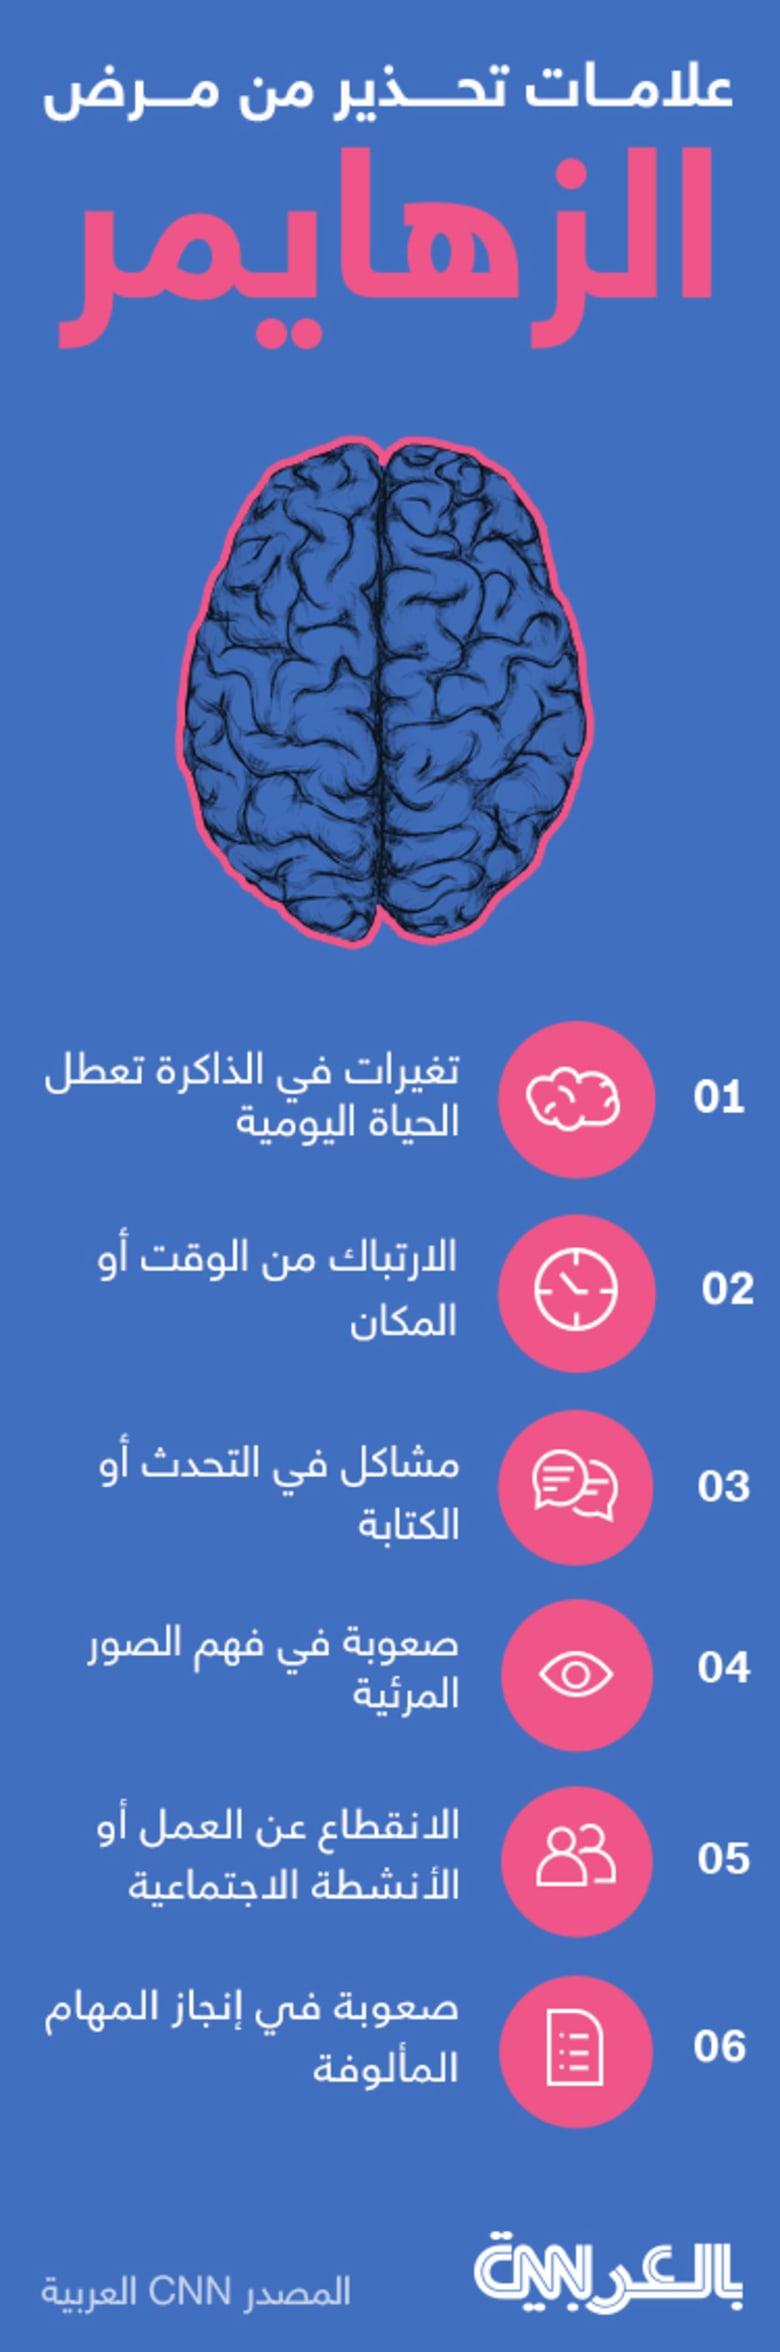 احذر هذه العلامات لتجنب الإصابة بمرض الزهايمر